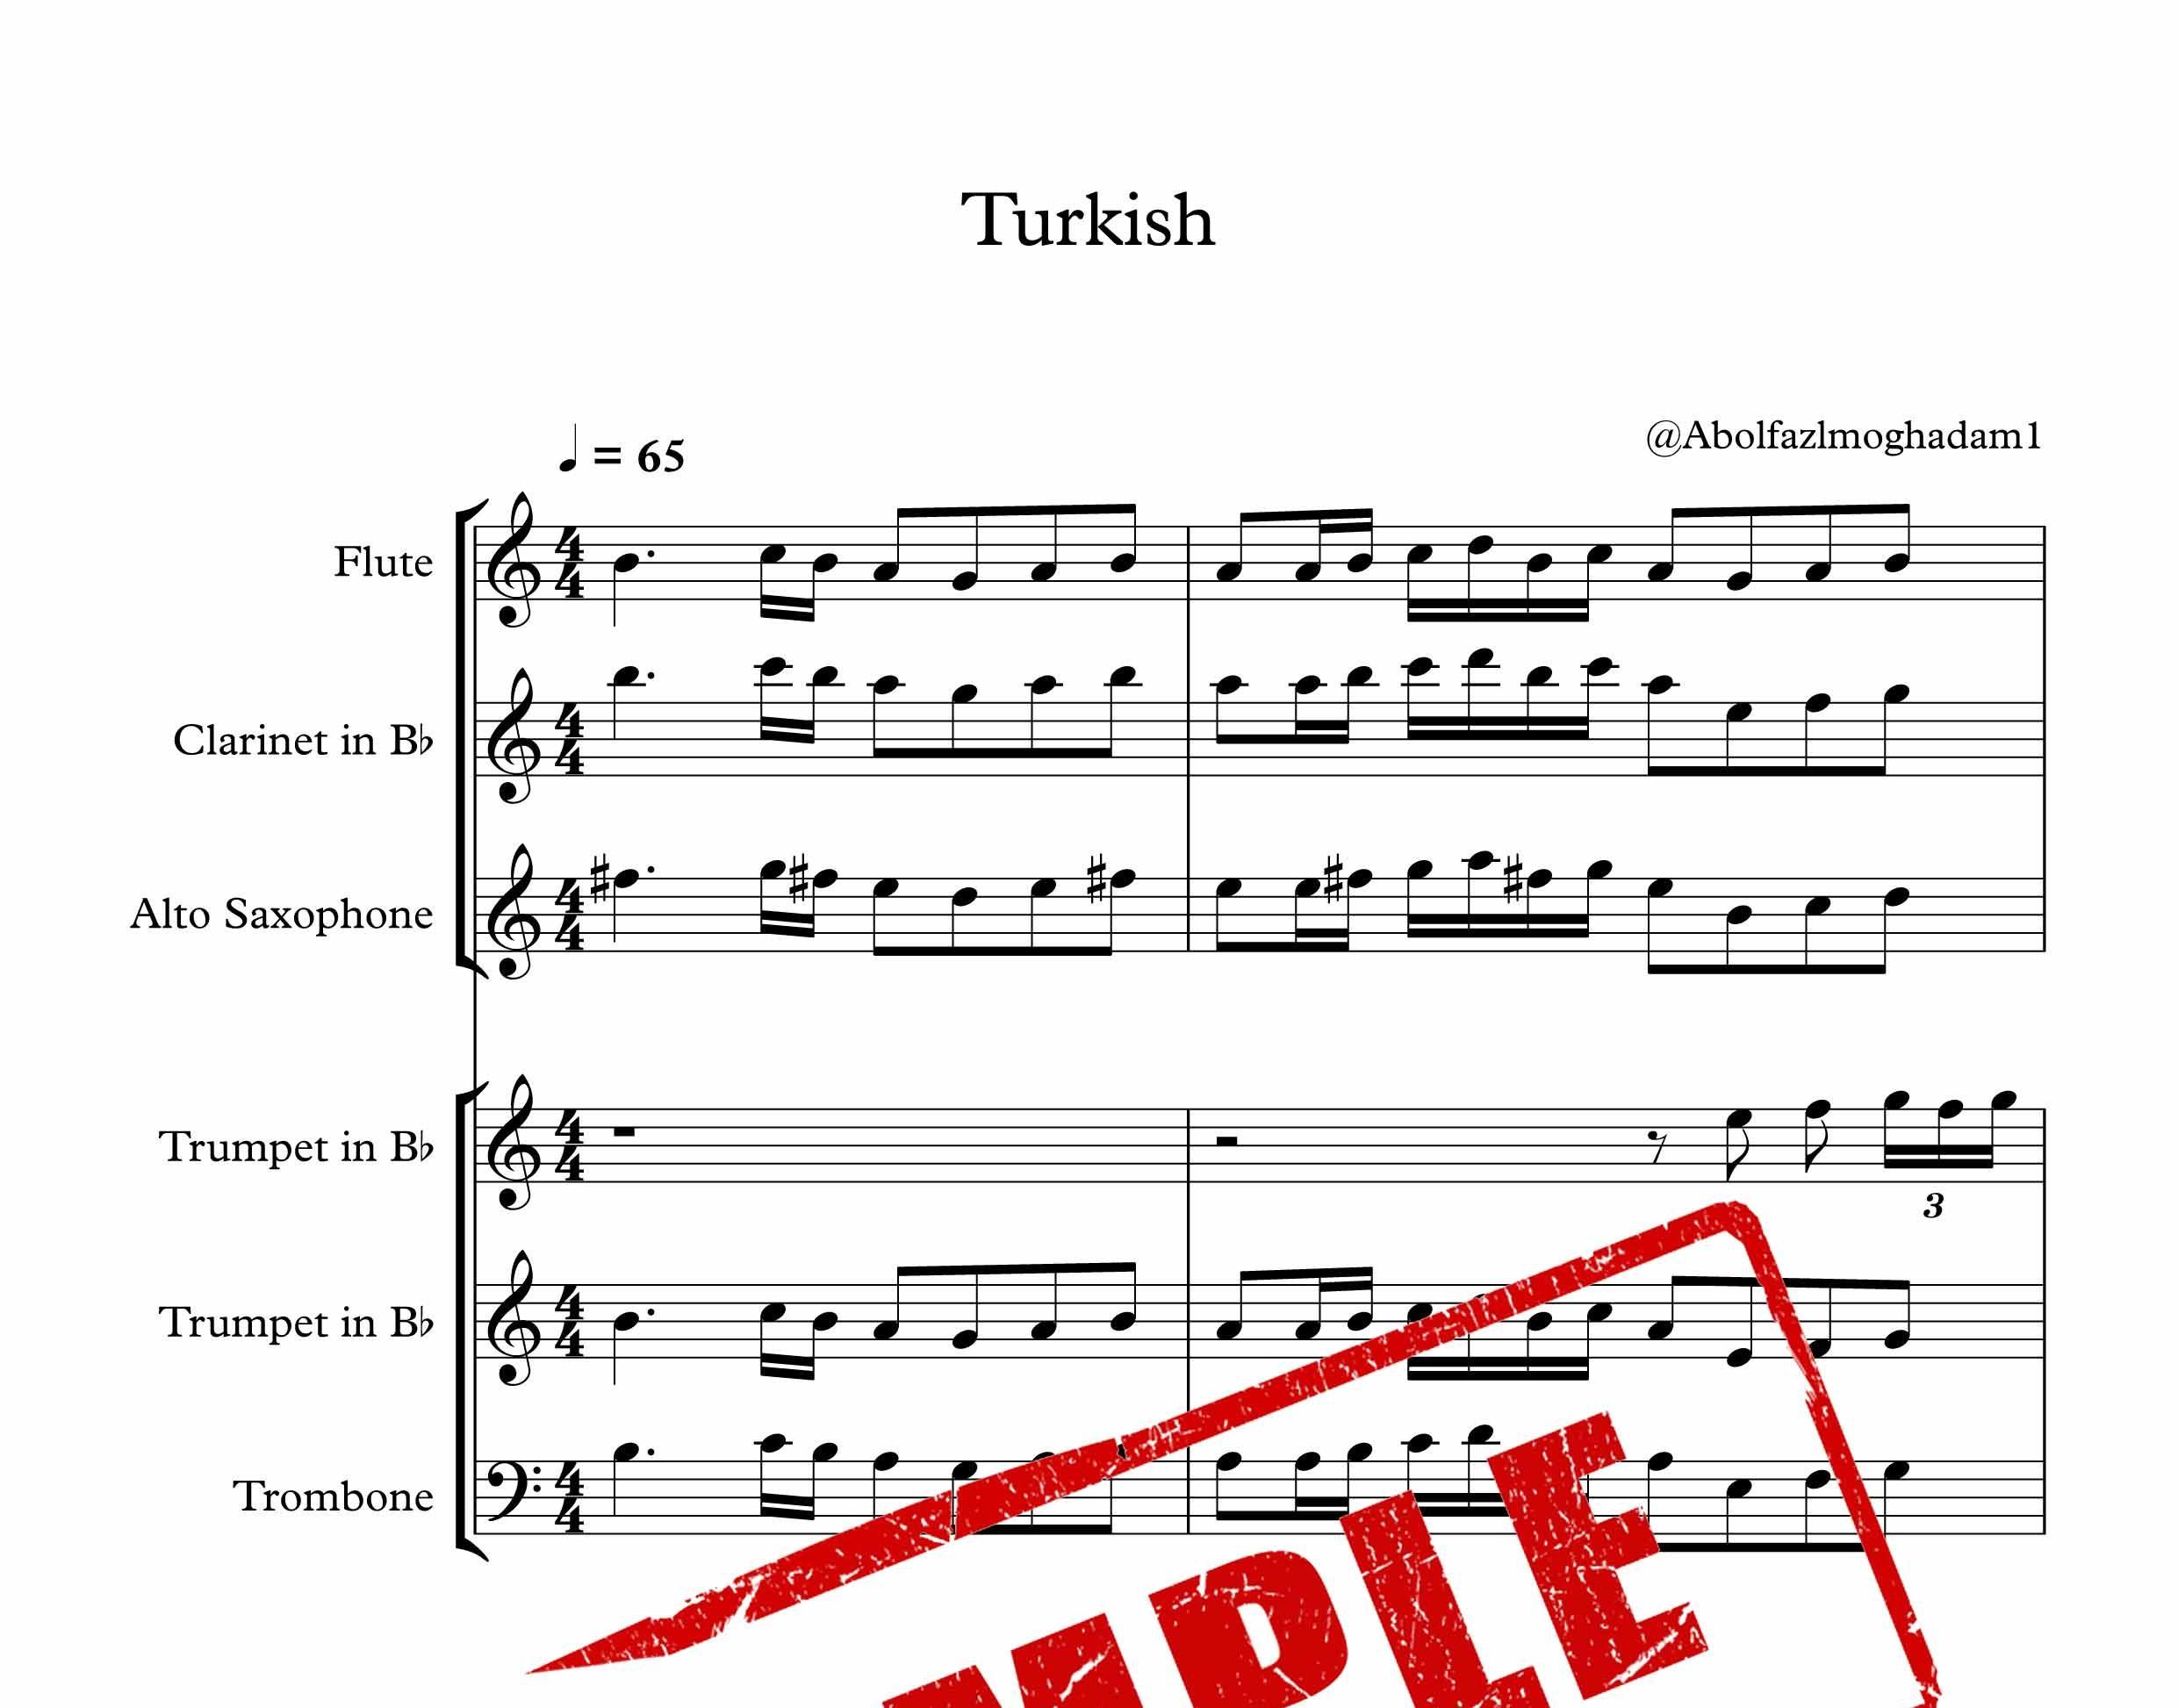 پارتیتور آهنگ غمگین ترکیه برای گروه ساز بادی